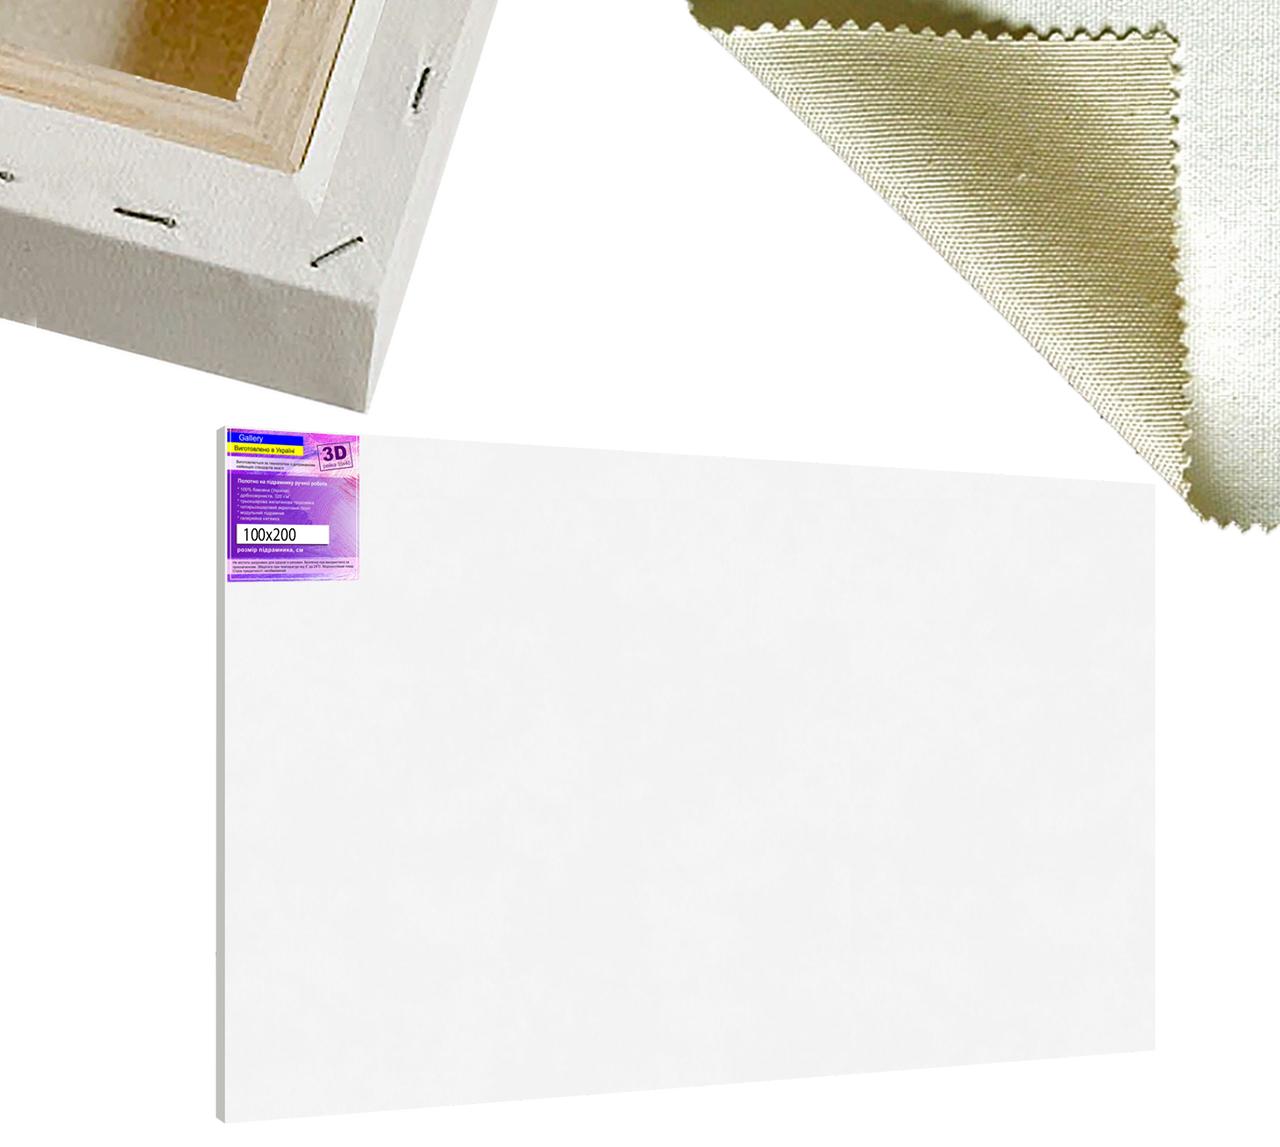 Холст на подрамнике Factura Gallery3D 100х200 см Украинский хлопок 320 гр.кв.м. мелкое зерно белый